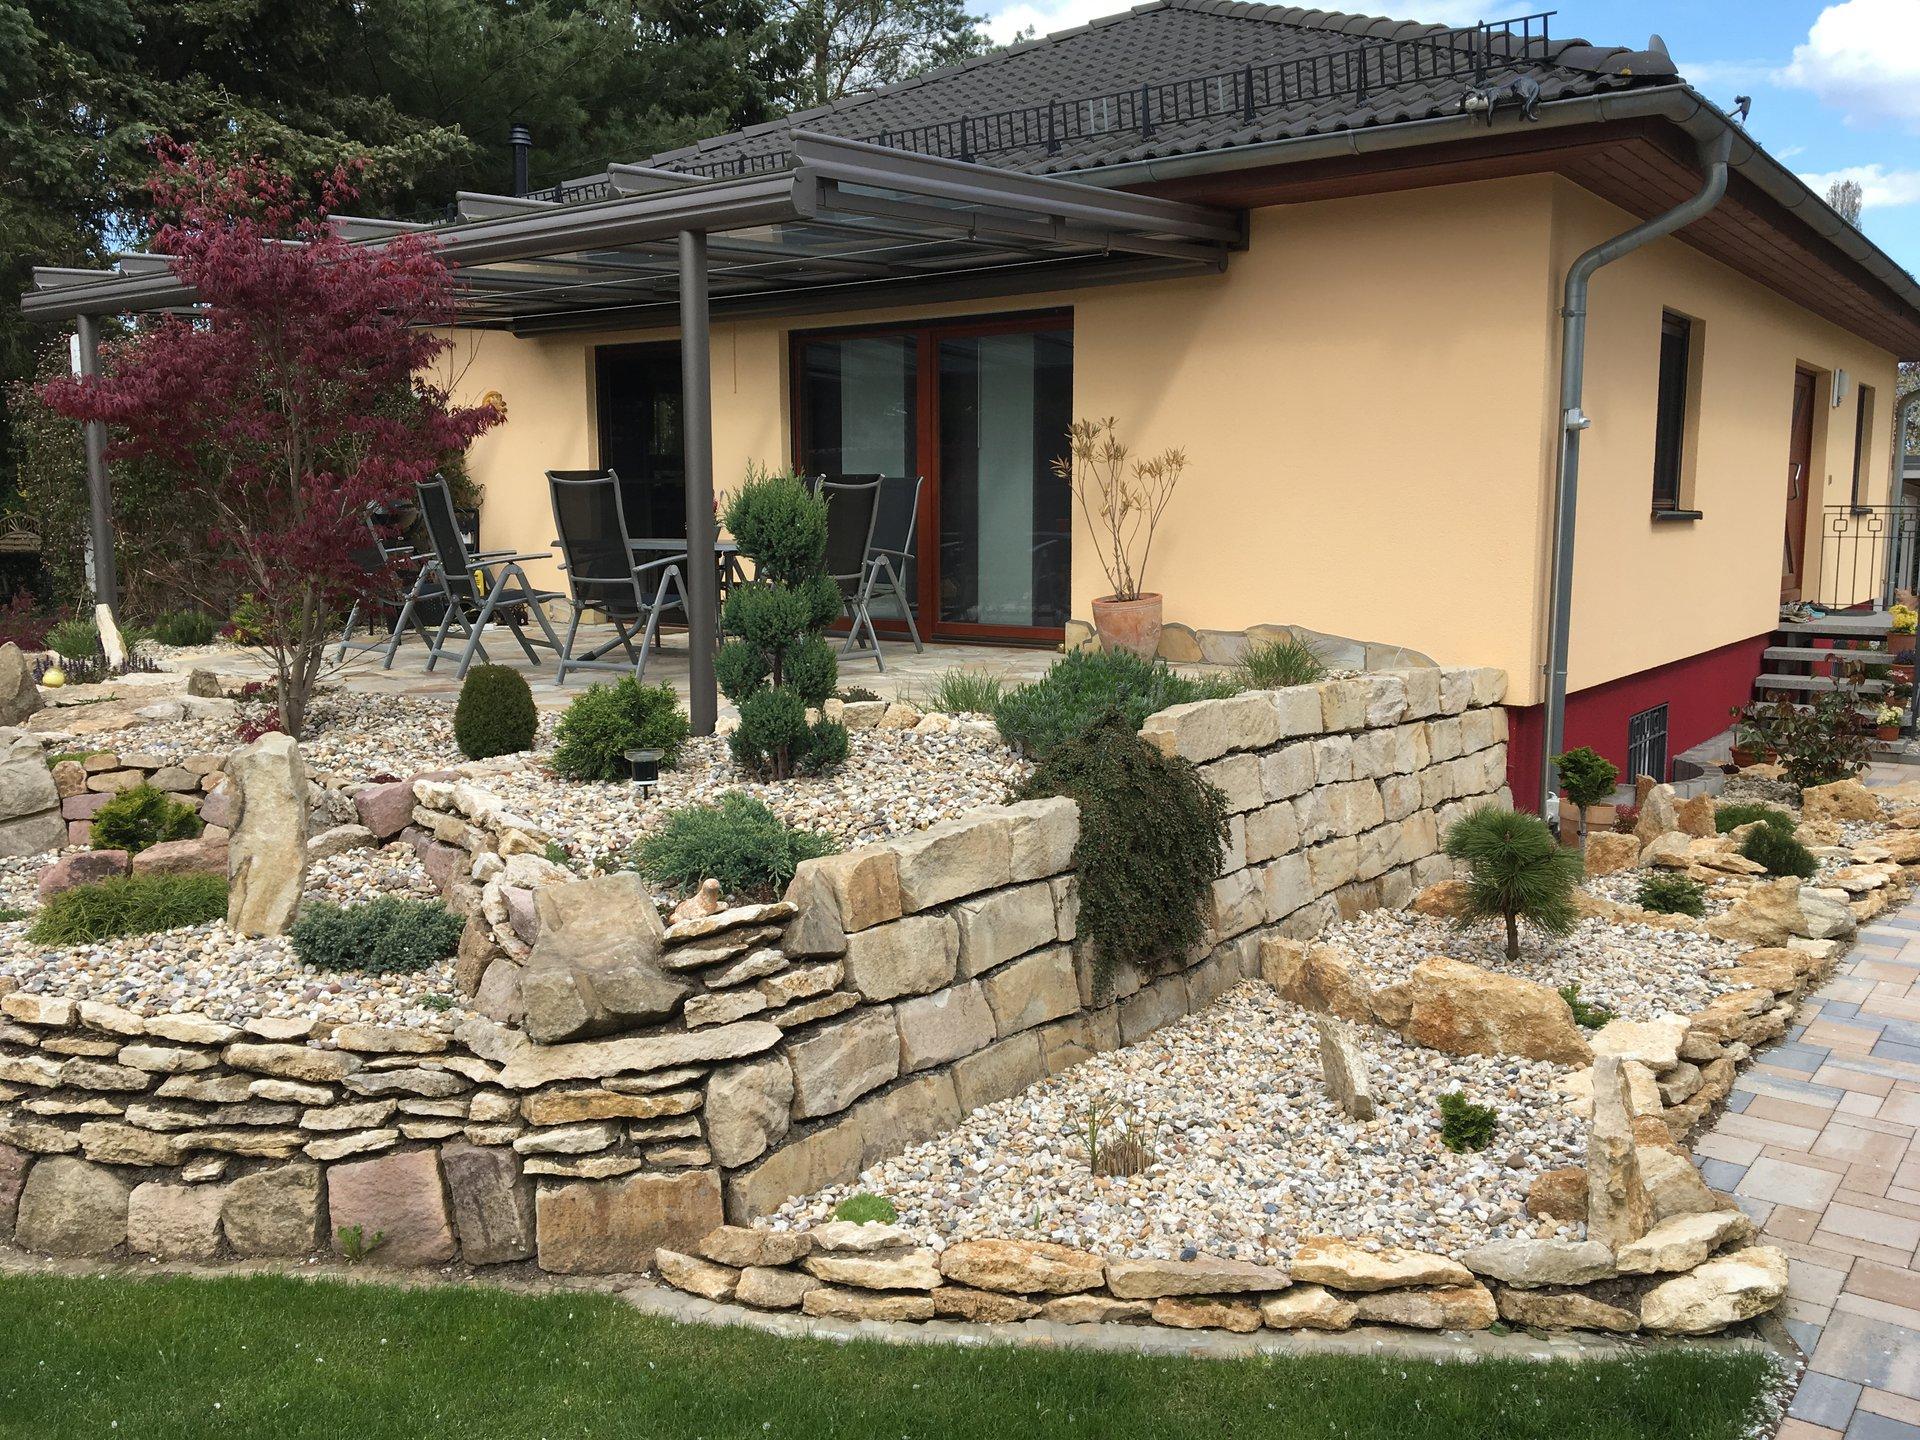 Gartenpflanzen uhrforum - Japanischer steingarten ...